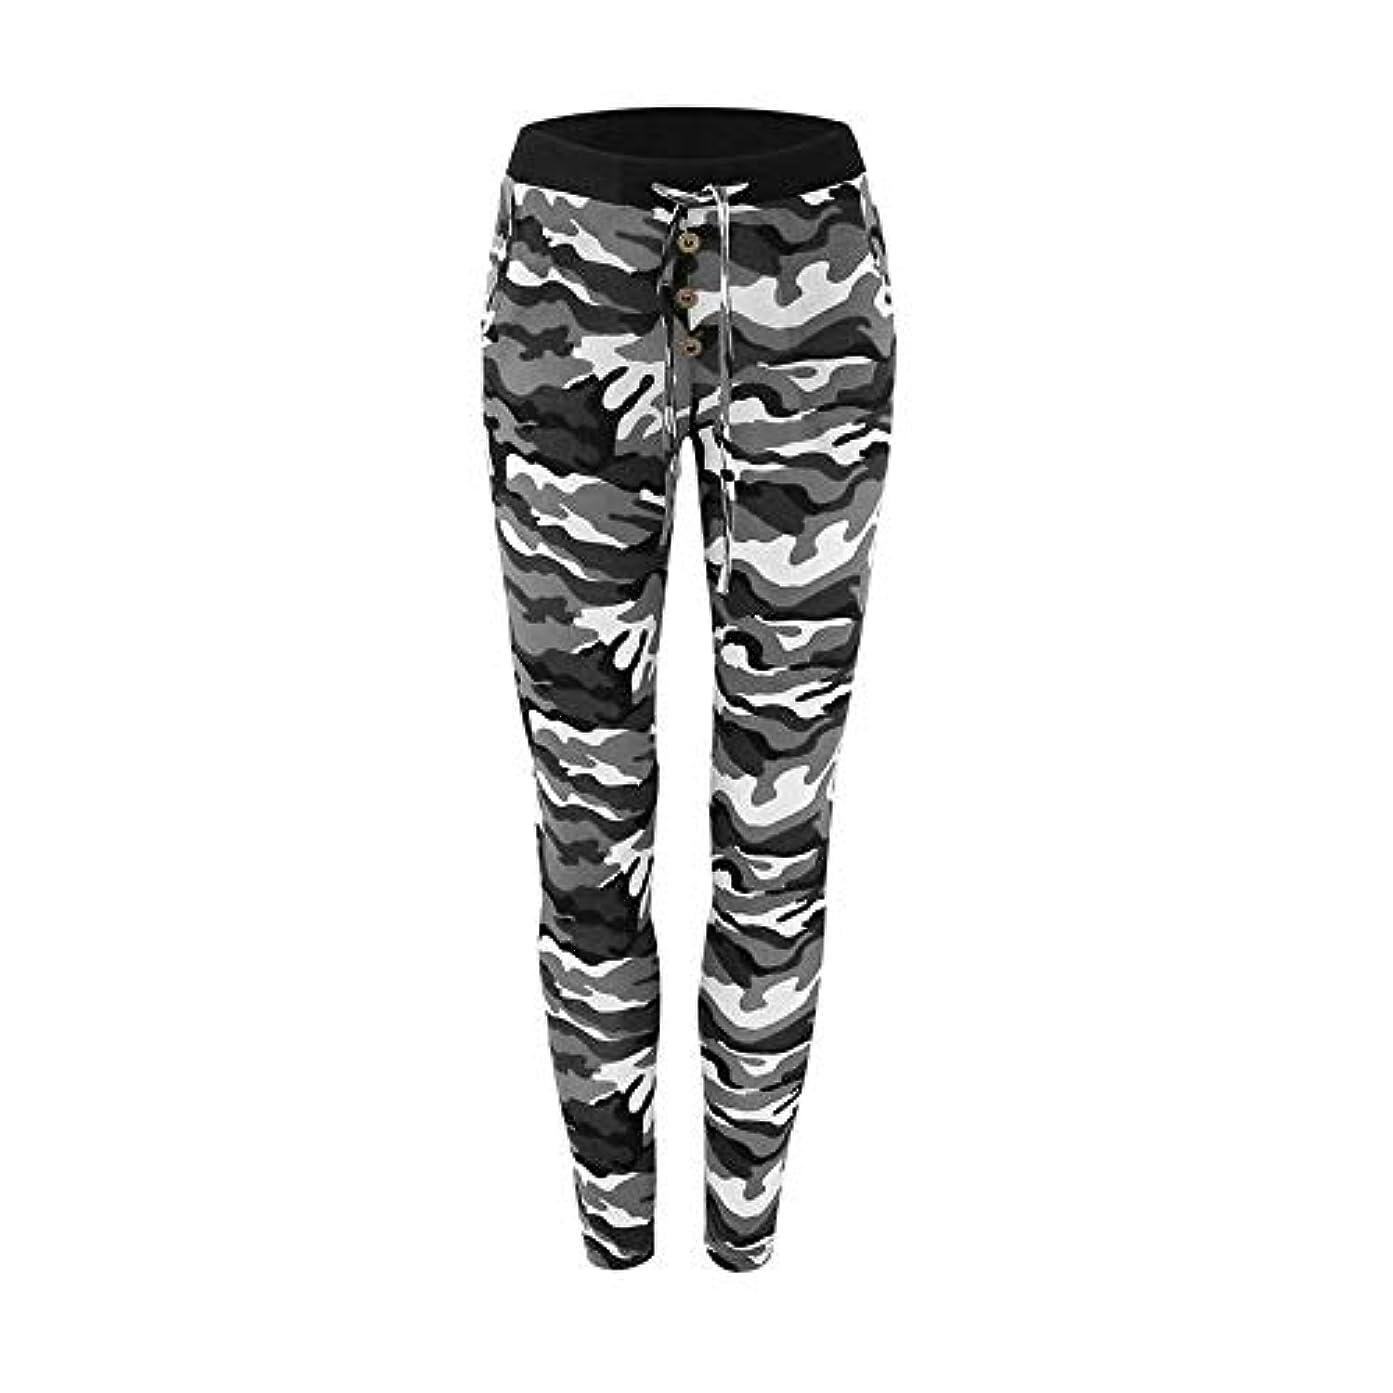 引き付ける慣らす延期するMIFAN 迷彩レギンス、スキニーパンツ、ヨガパンツ、スリムフィット、ズボン、レギンス、迷彩パンツ